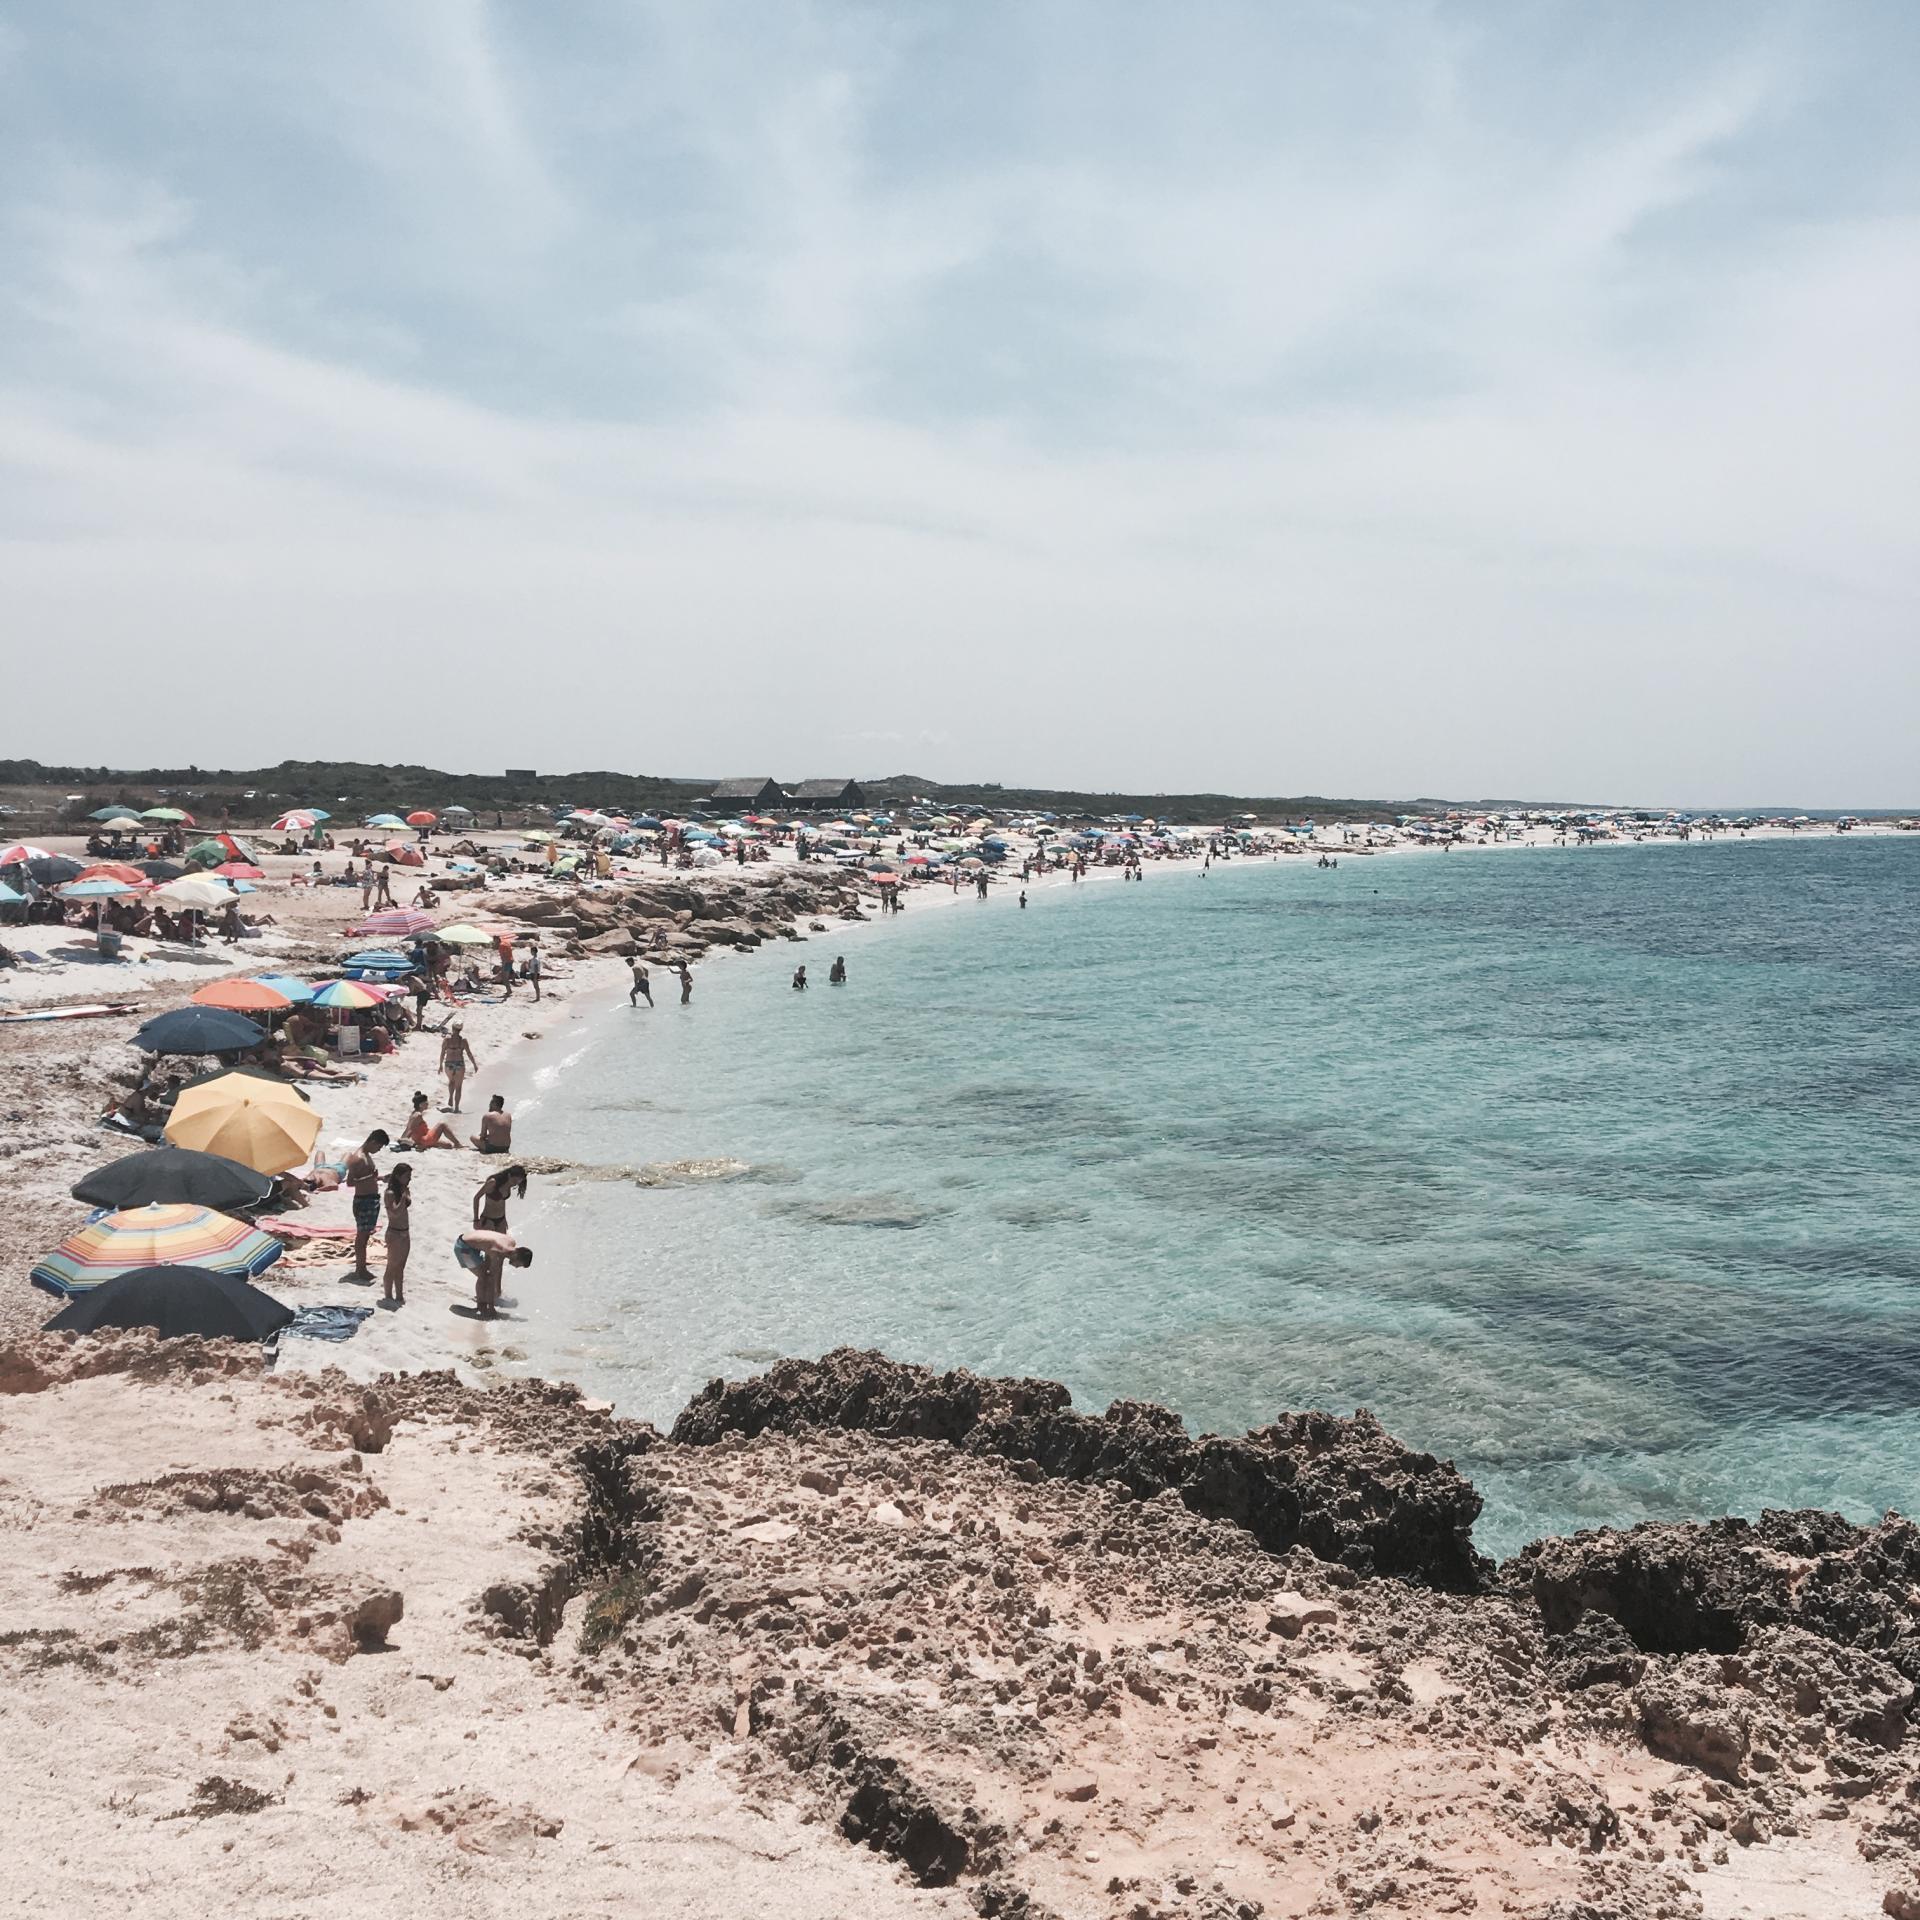 Mon voyage en Sardaigne entre copines 17